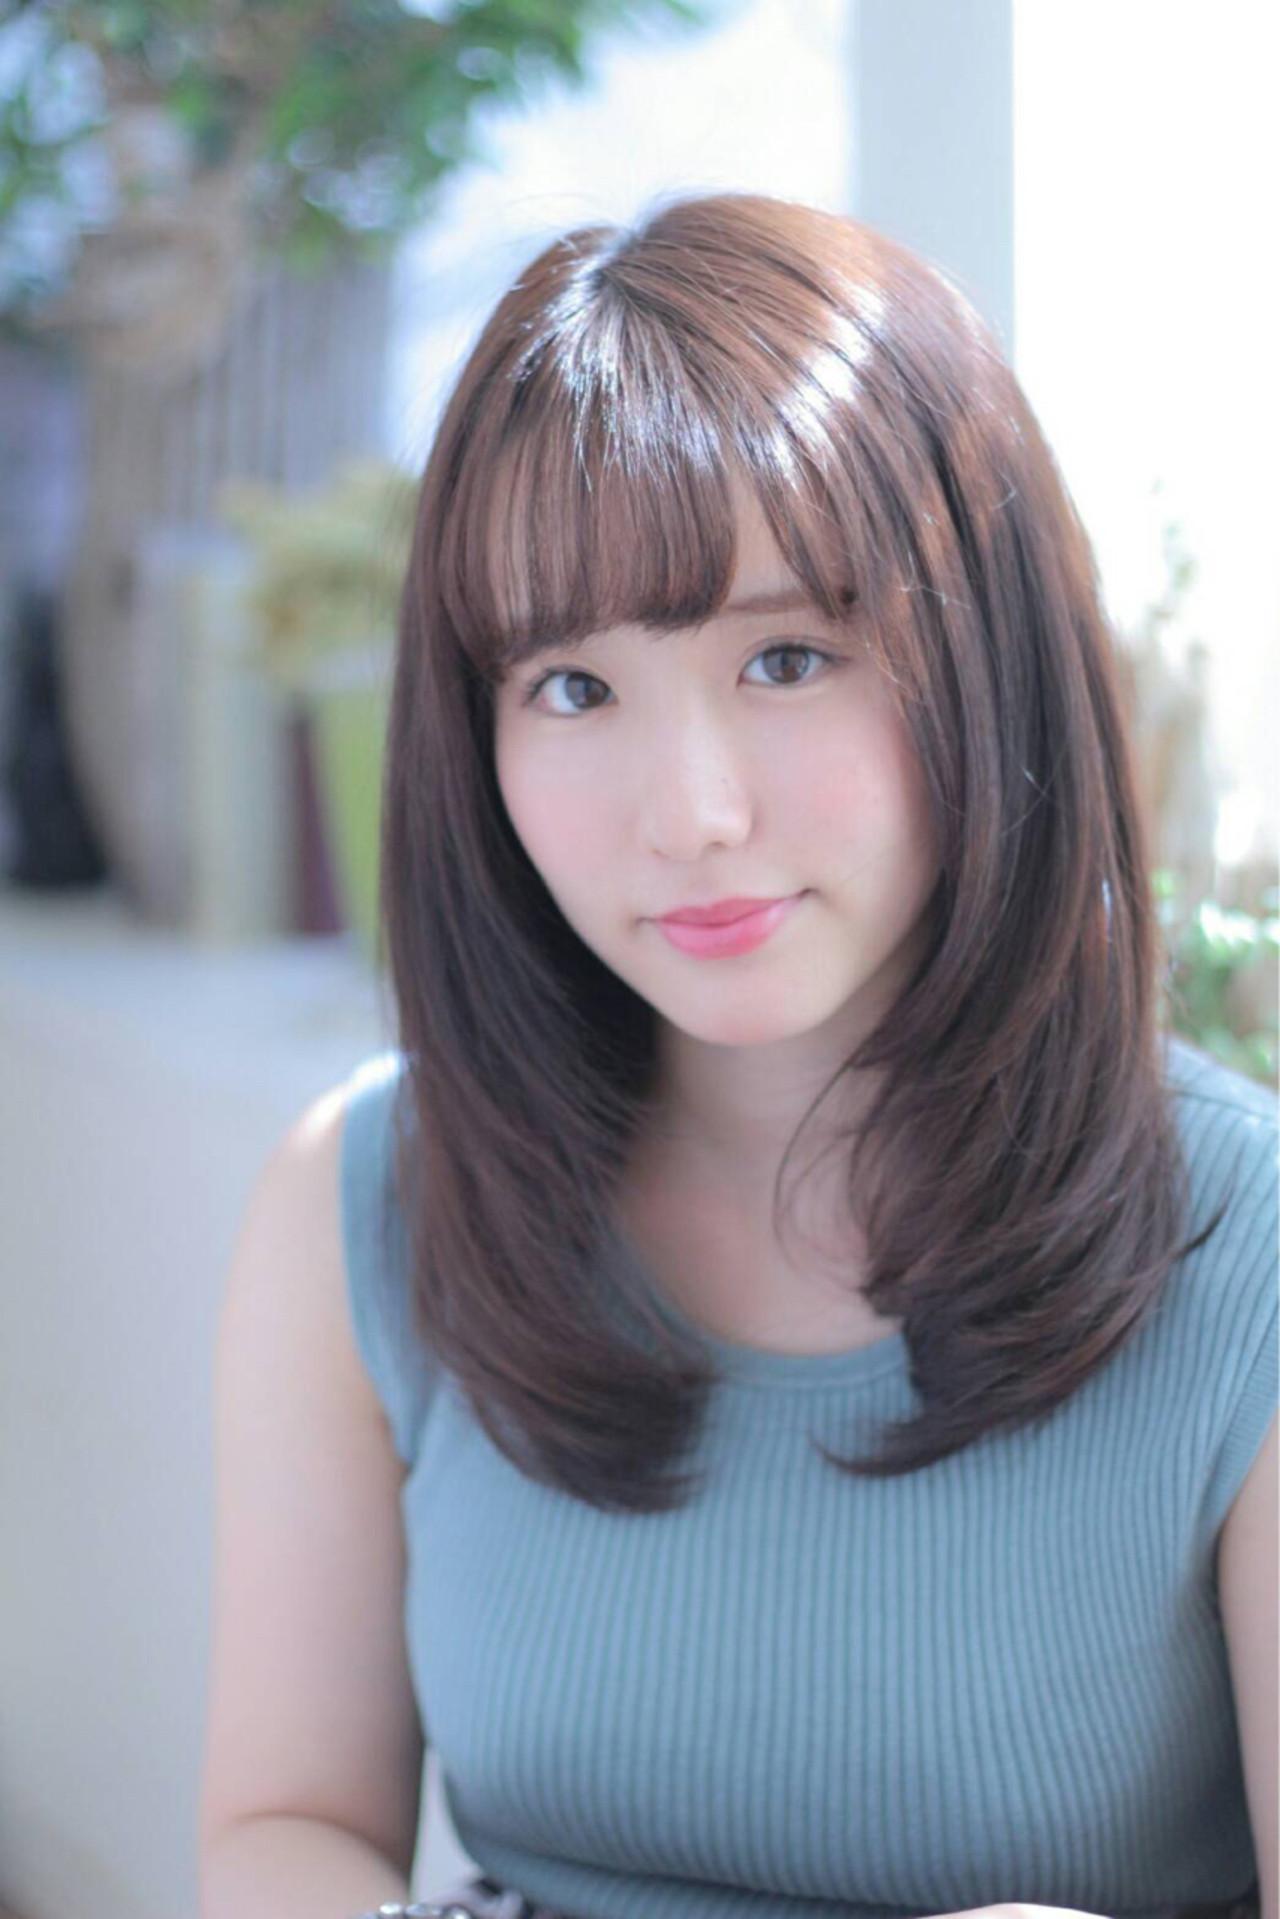 ゆるふわ 伸ばしかけ フェミニン セミロング ヘアスタイルや髪型の写真・画像 | 堀内 千恵子 / S-style トータルビューティーサロン